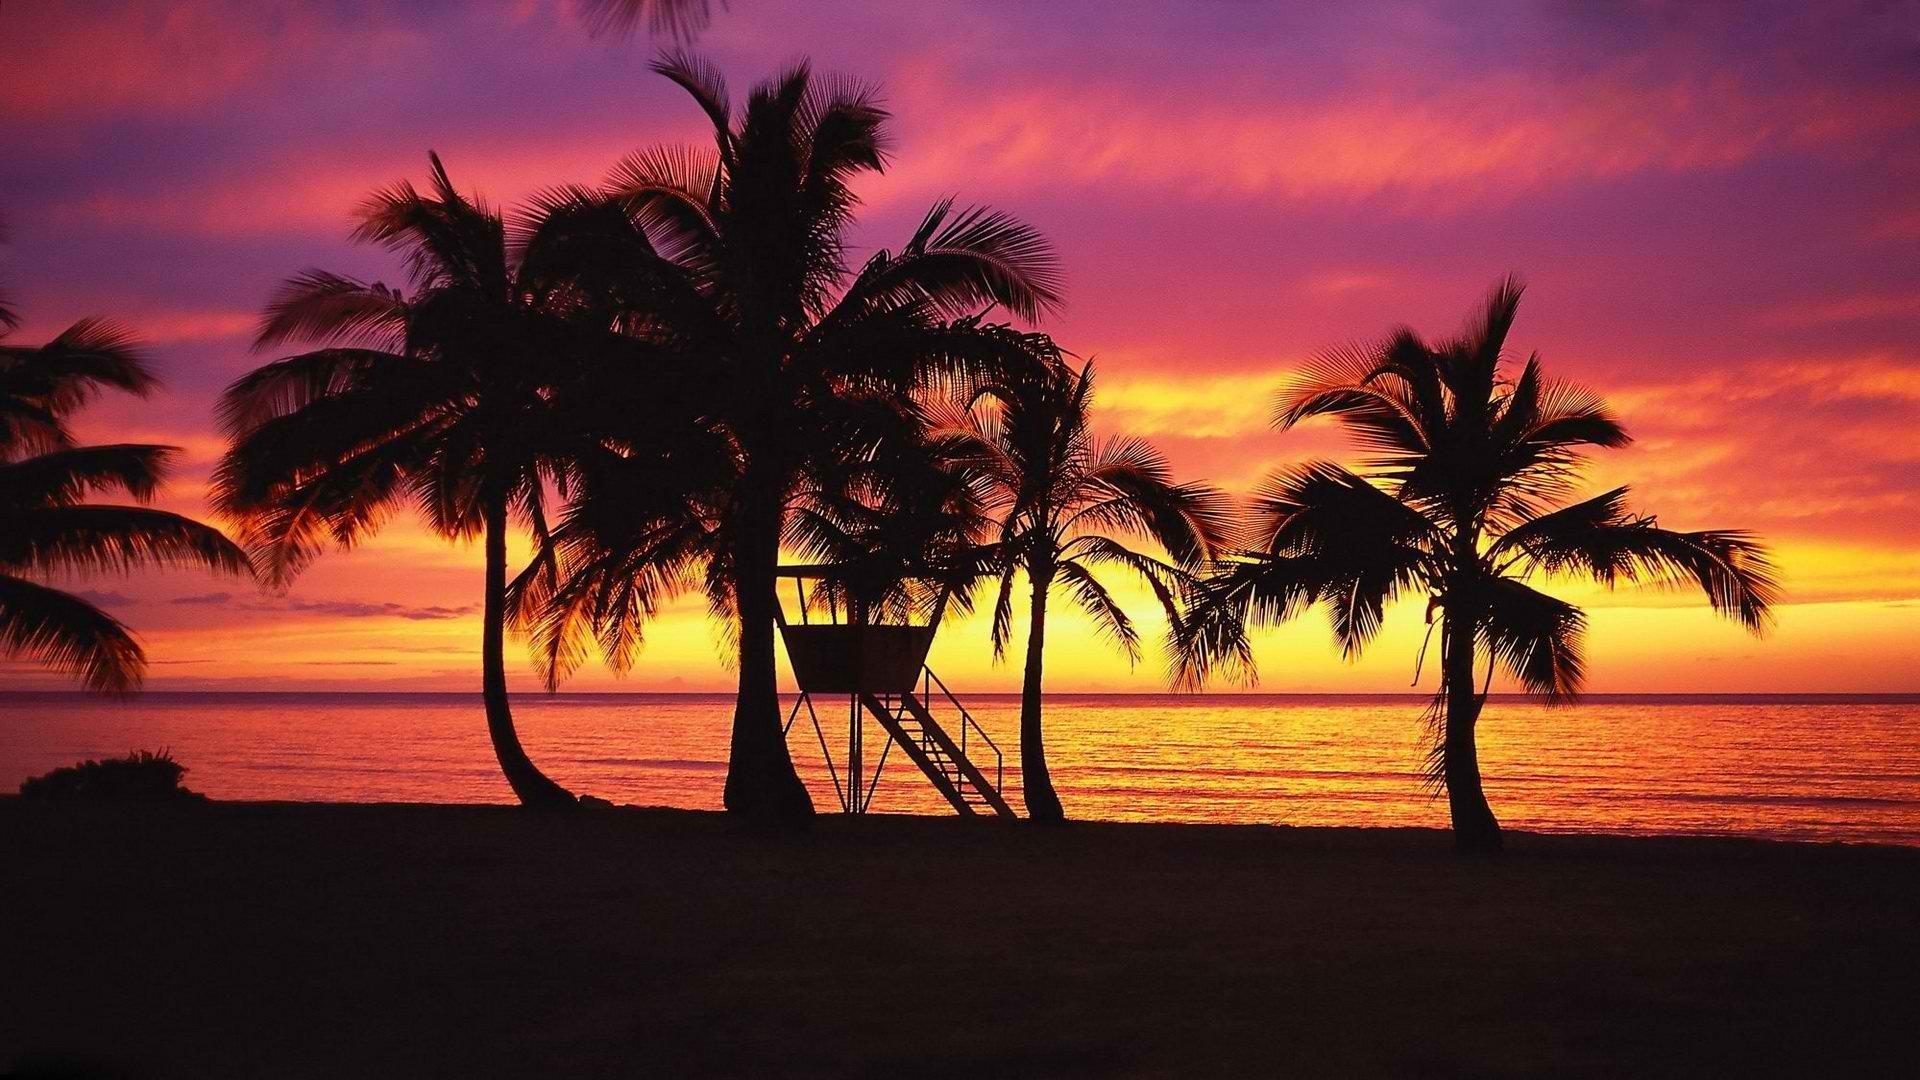 Hawaiian Beach Sunset Wallpaper Background: Oahu Hawaii Wallpaper